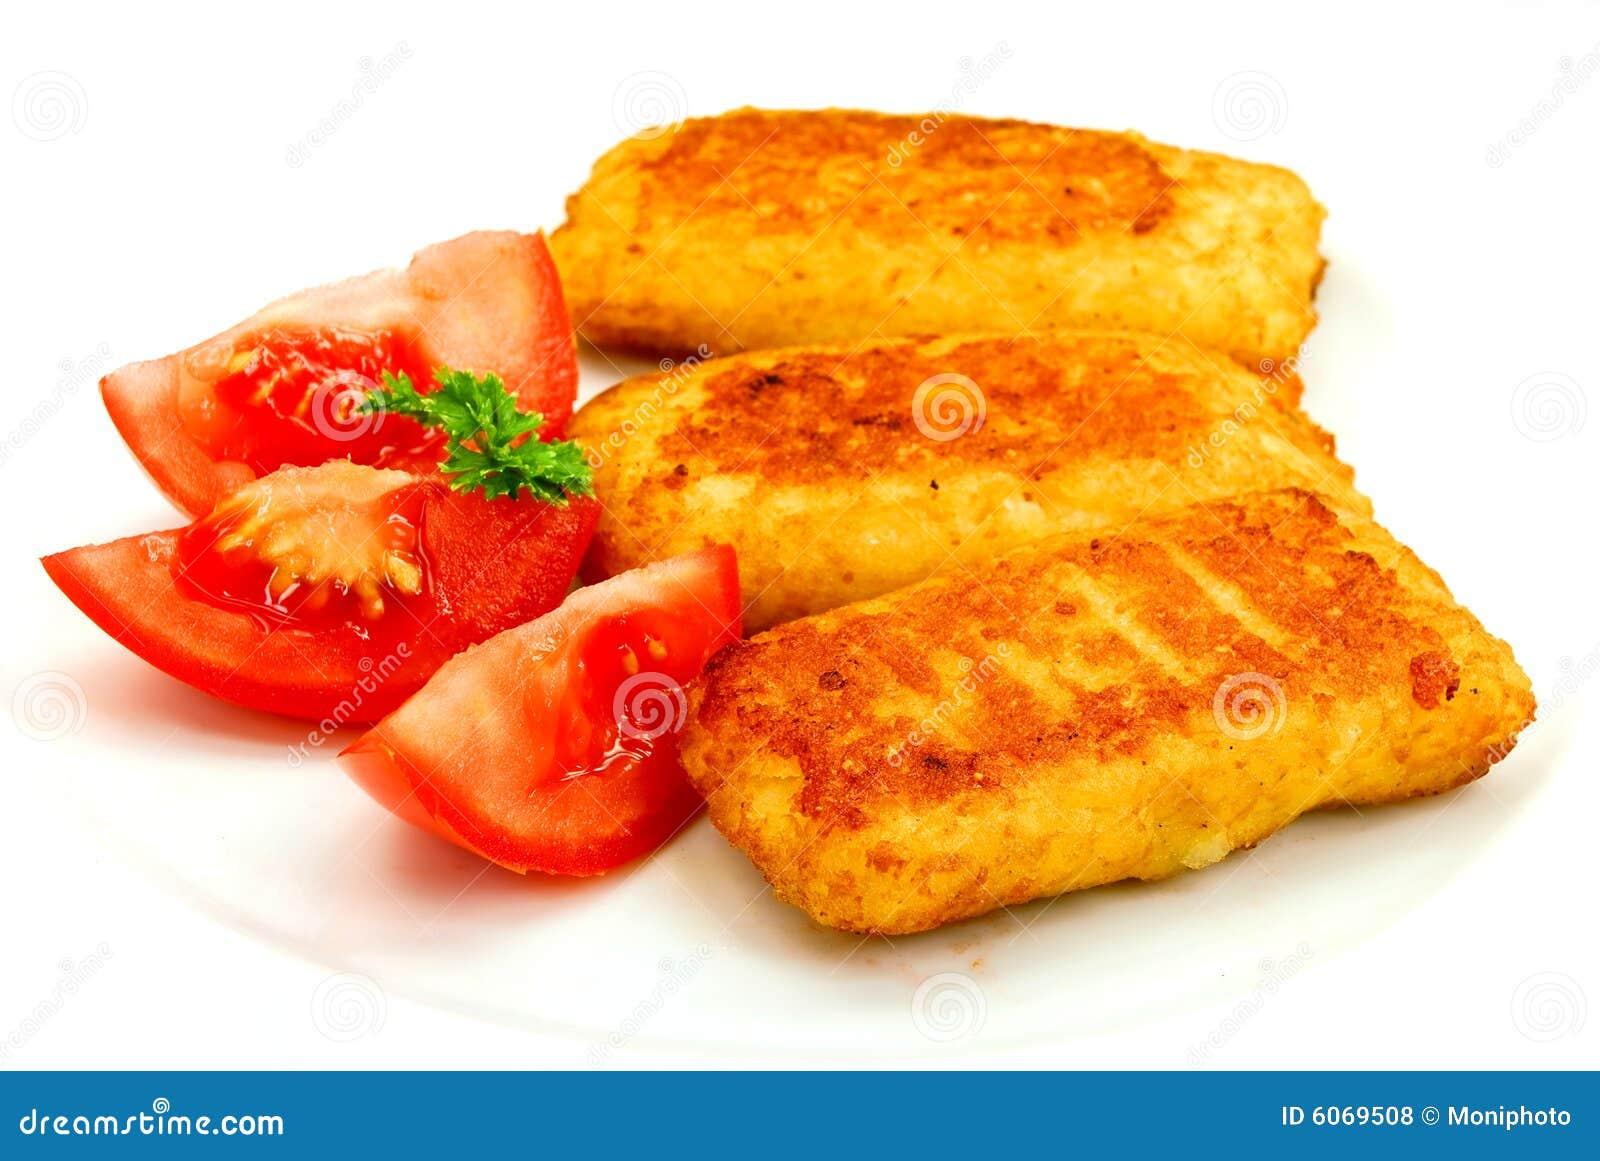 Muchas bolas de masa hervida con queso de la mozarela